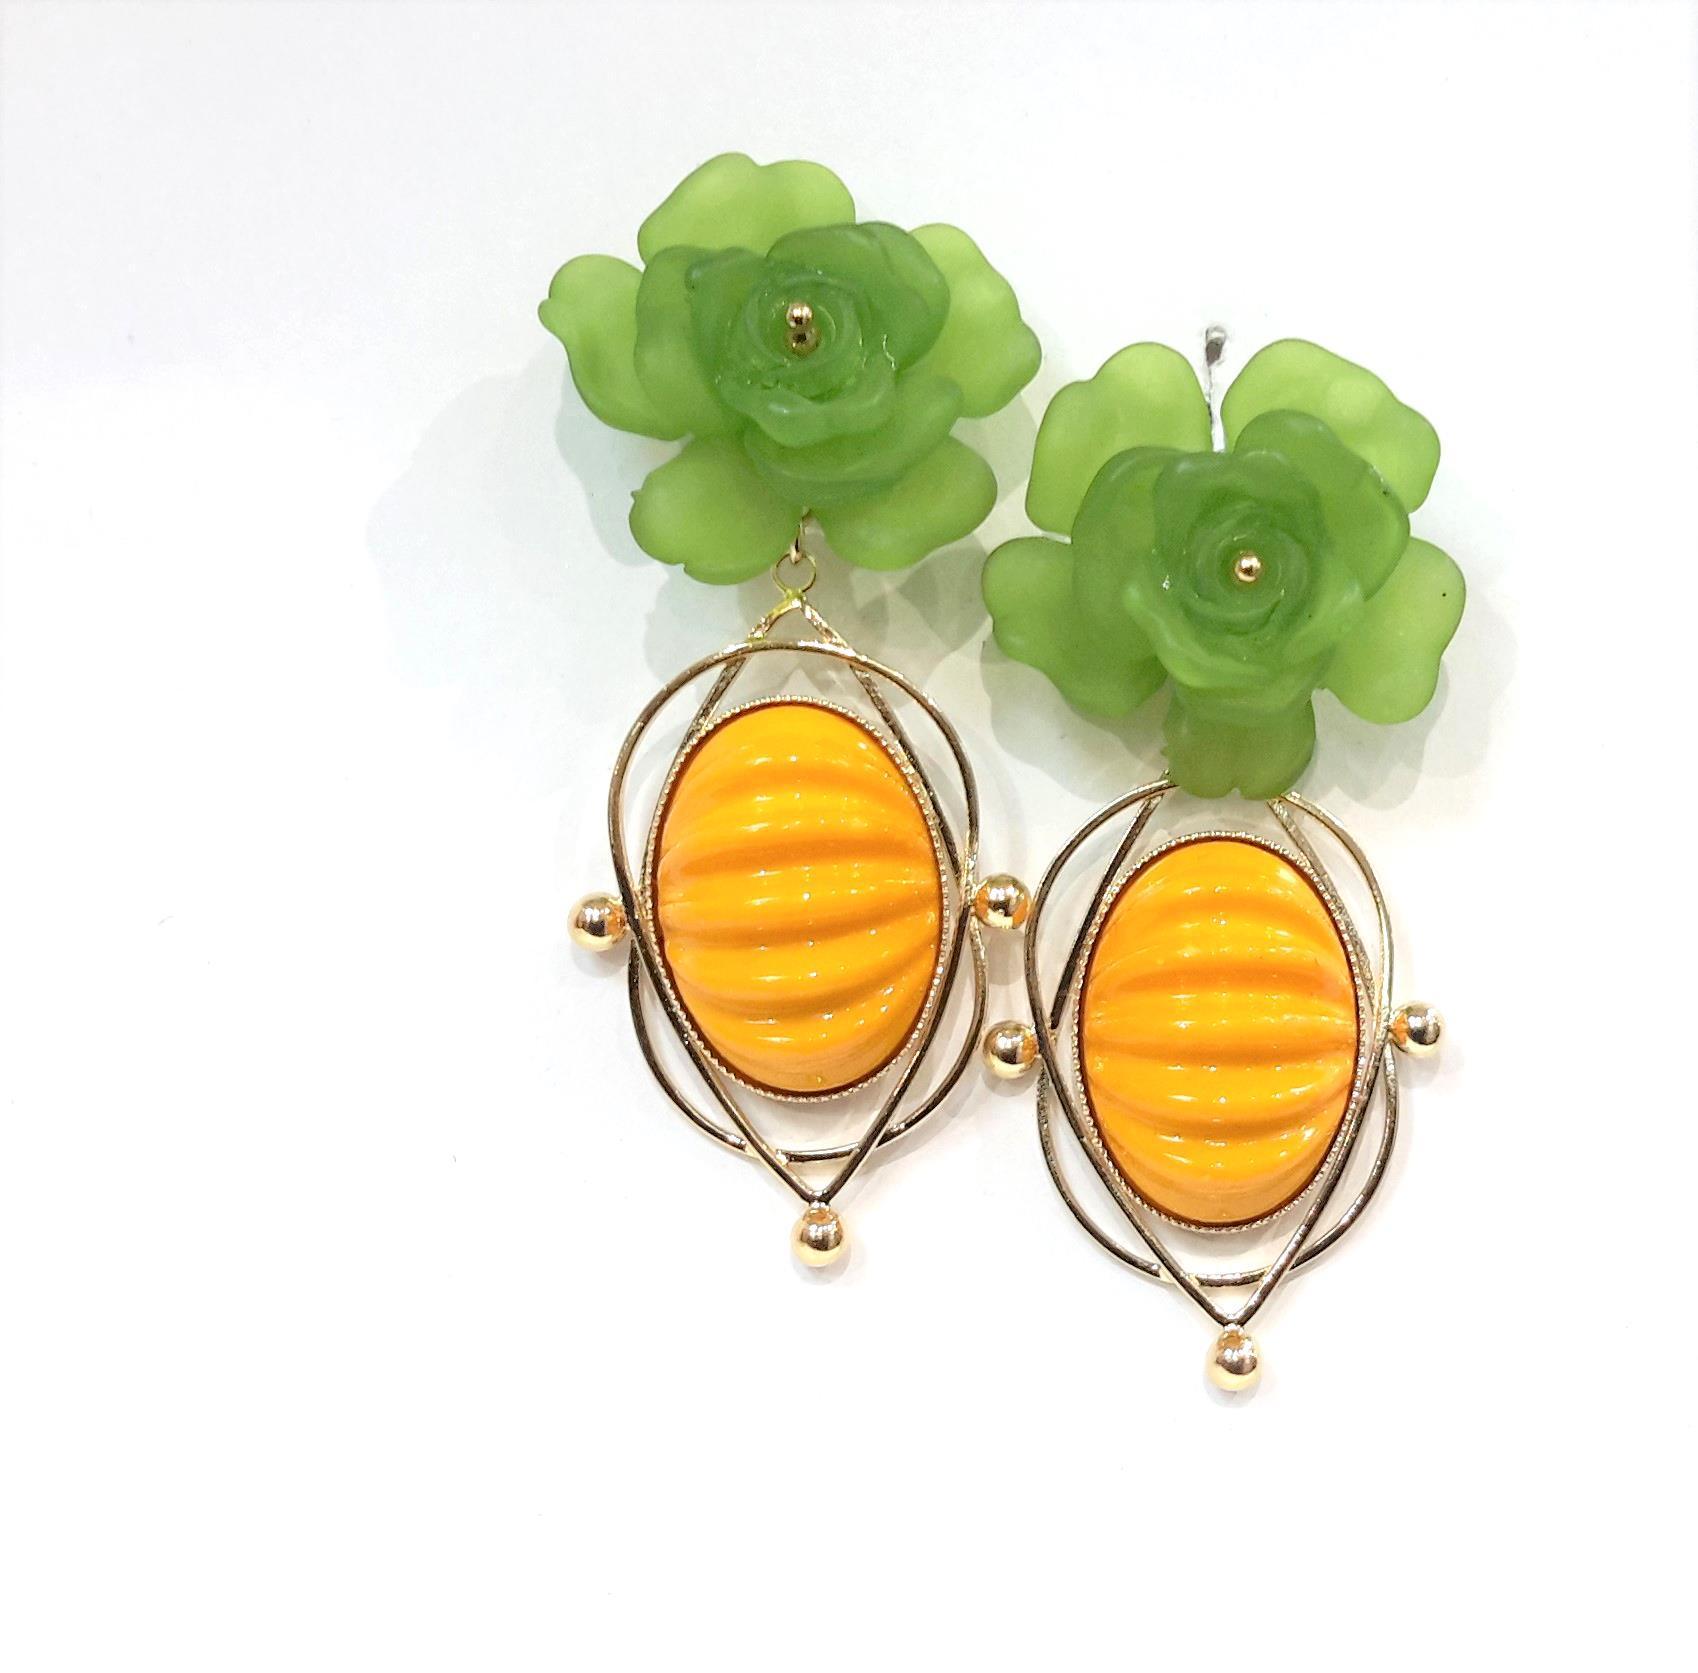 Boucles d oreilles de createur julie sion petunia vert